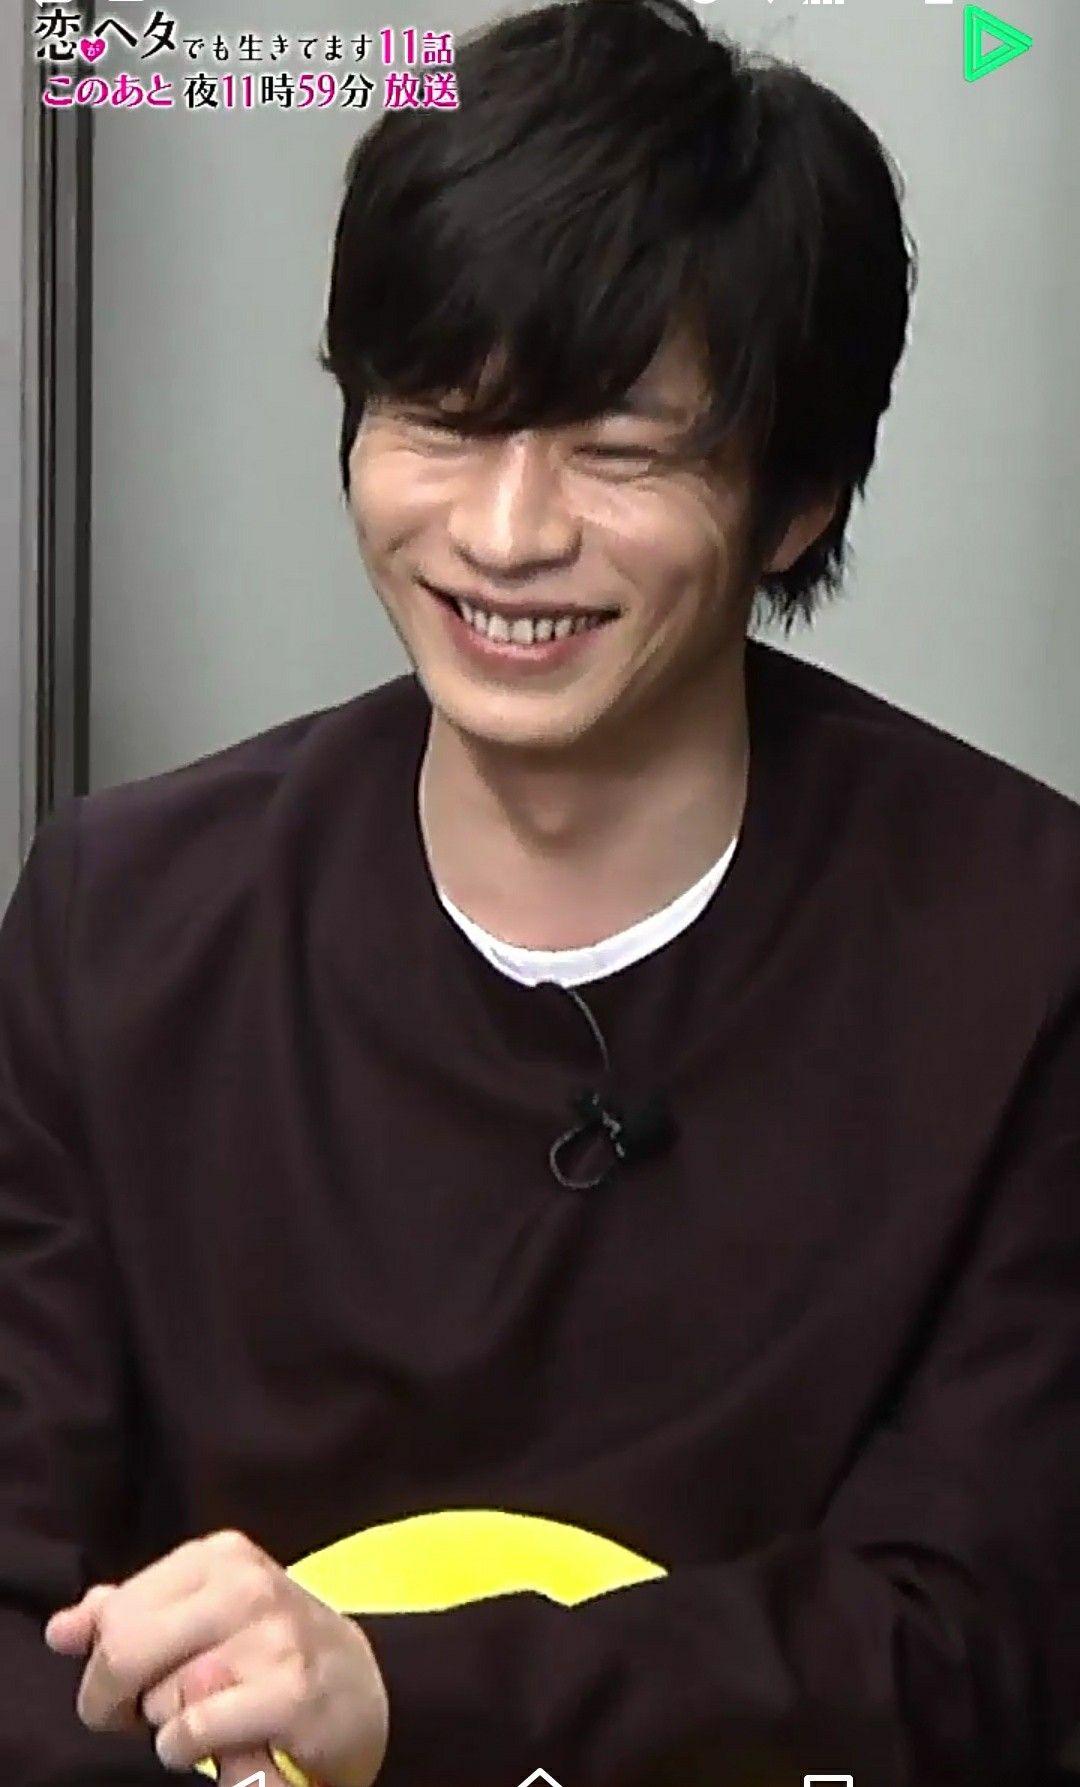 笑った表情にも色気を感じる田中圭